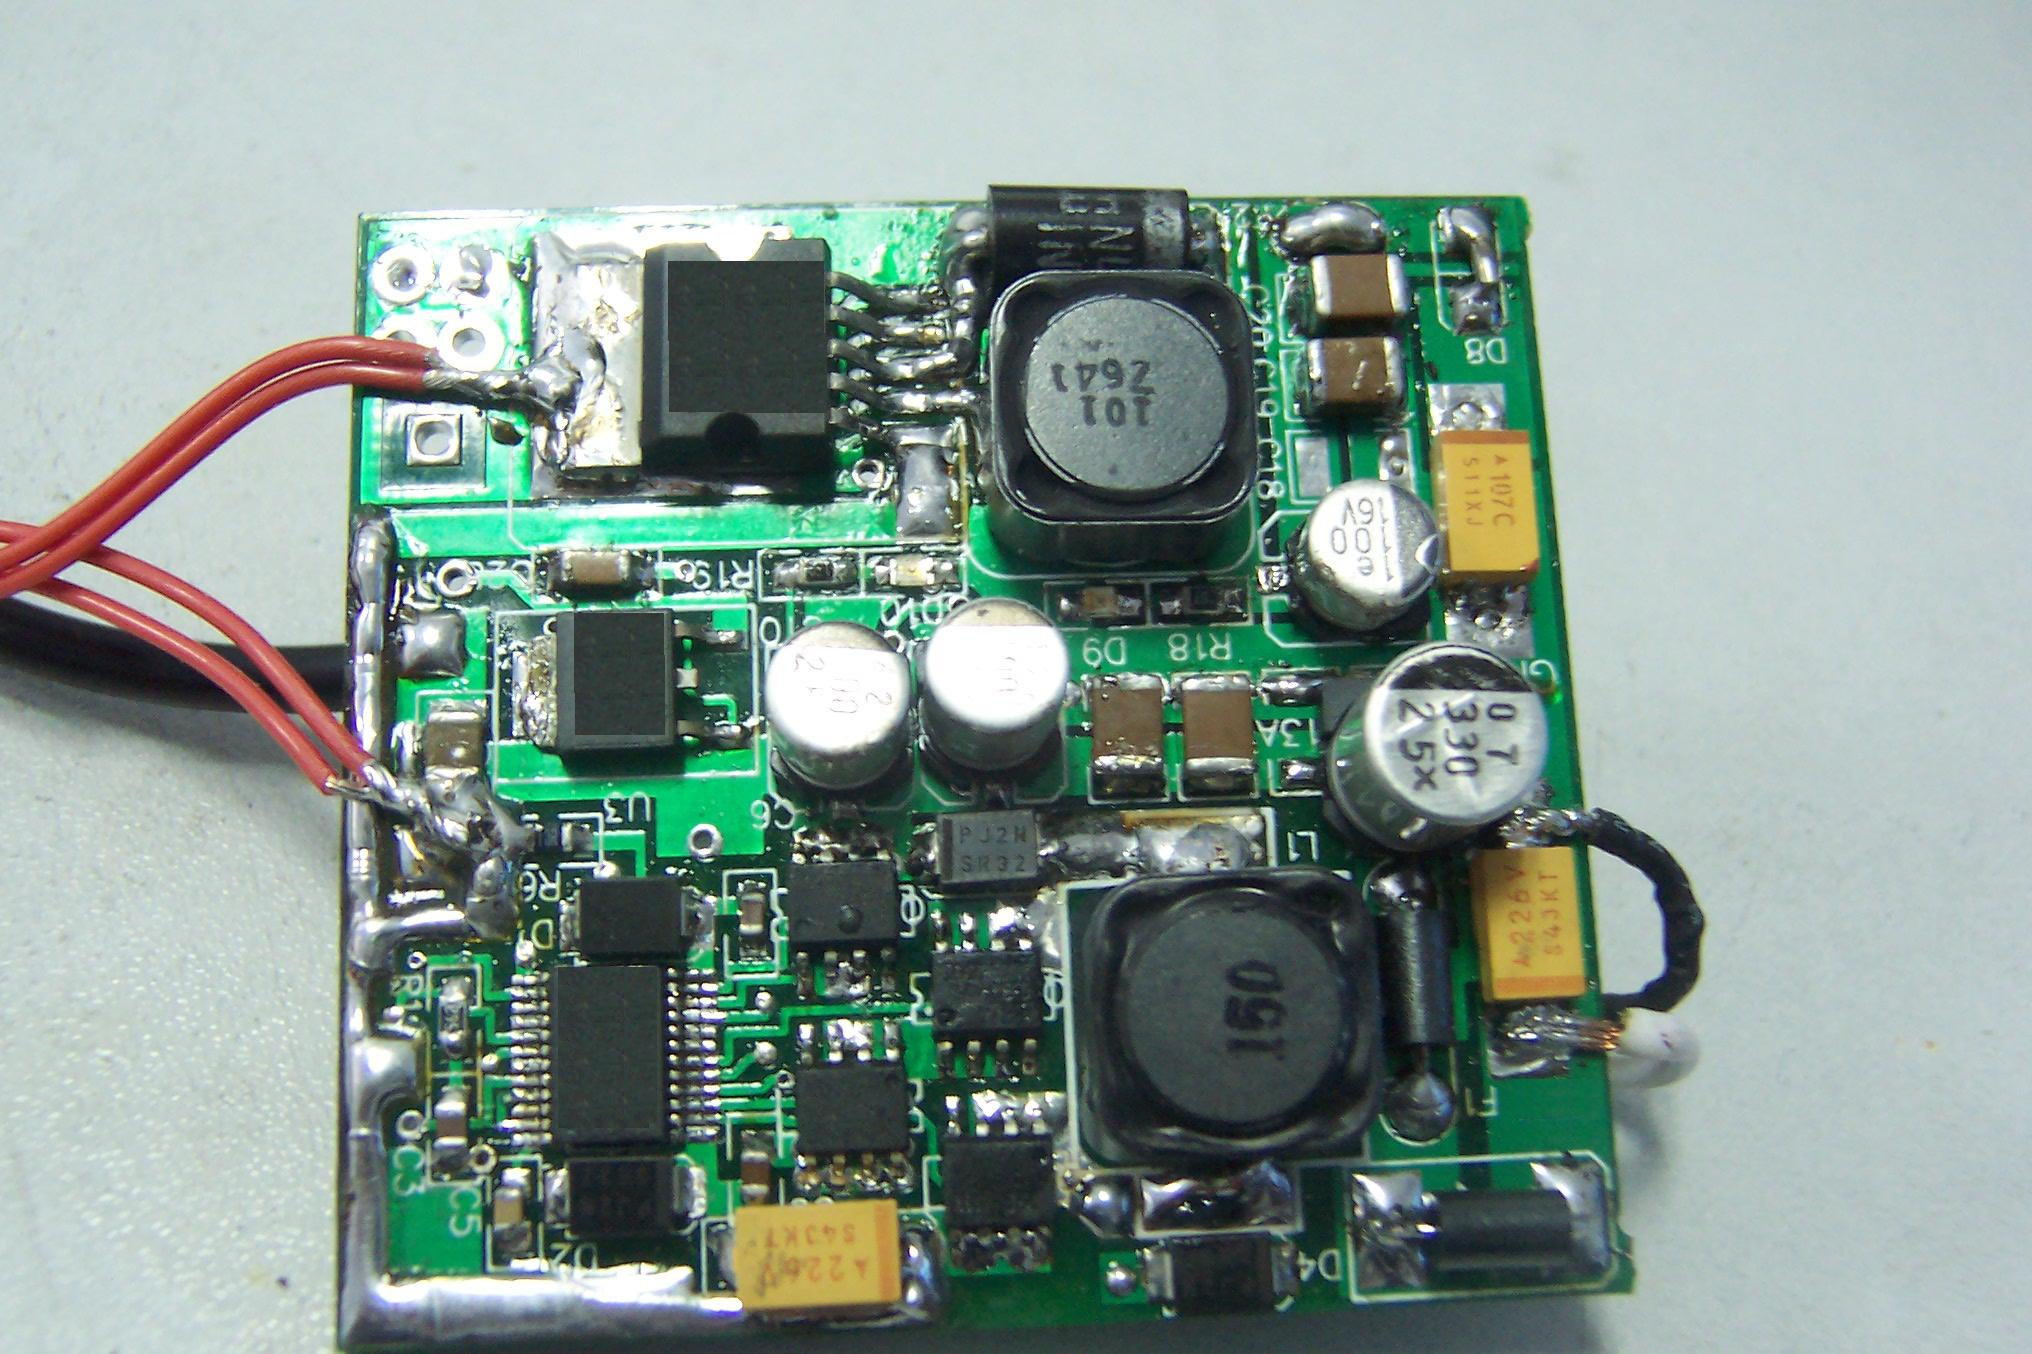 4只串联的18650锂电池,怎么给它充电?能否提供相关线路?谢谢